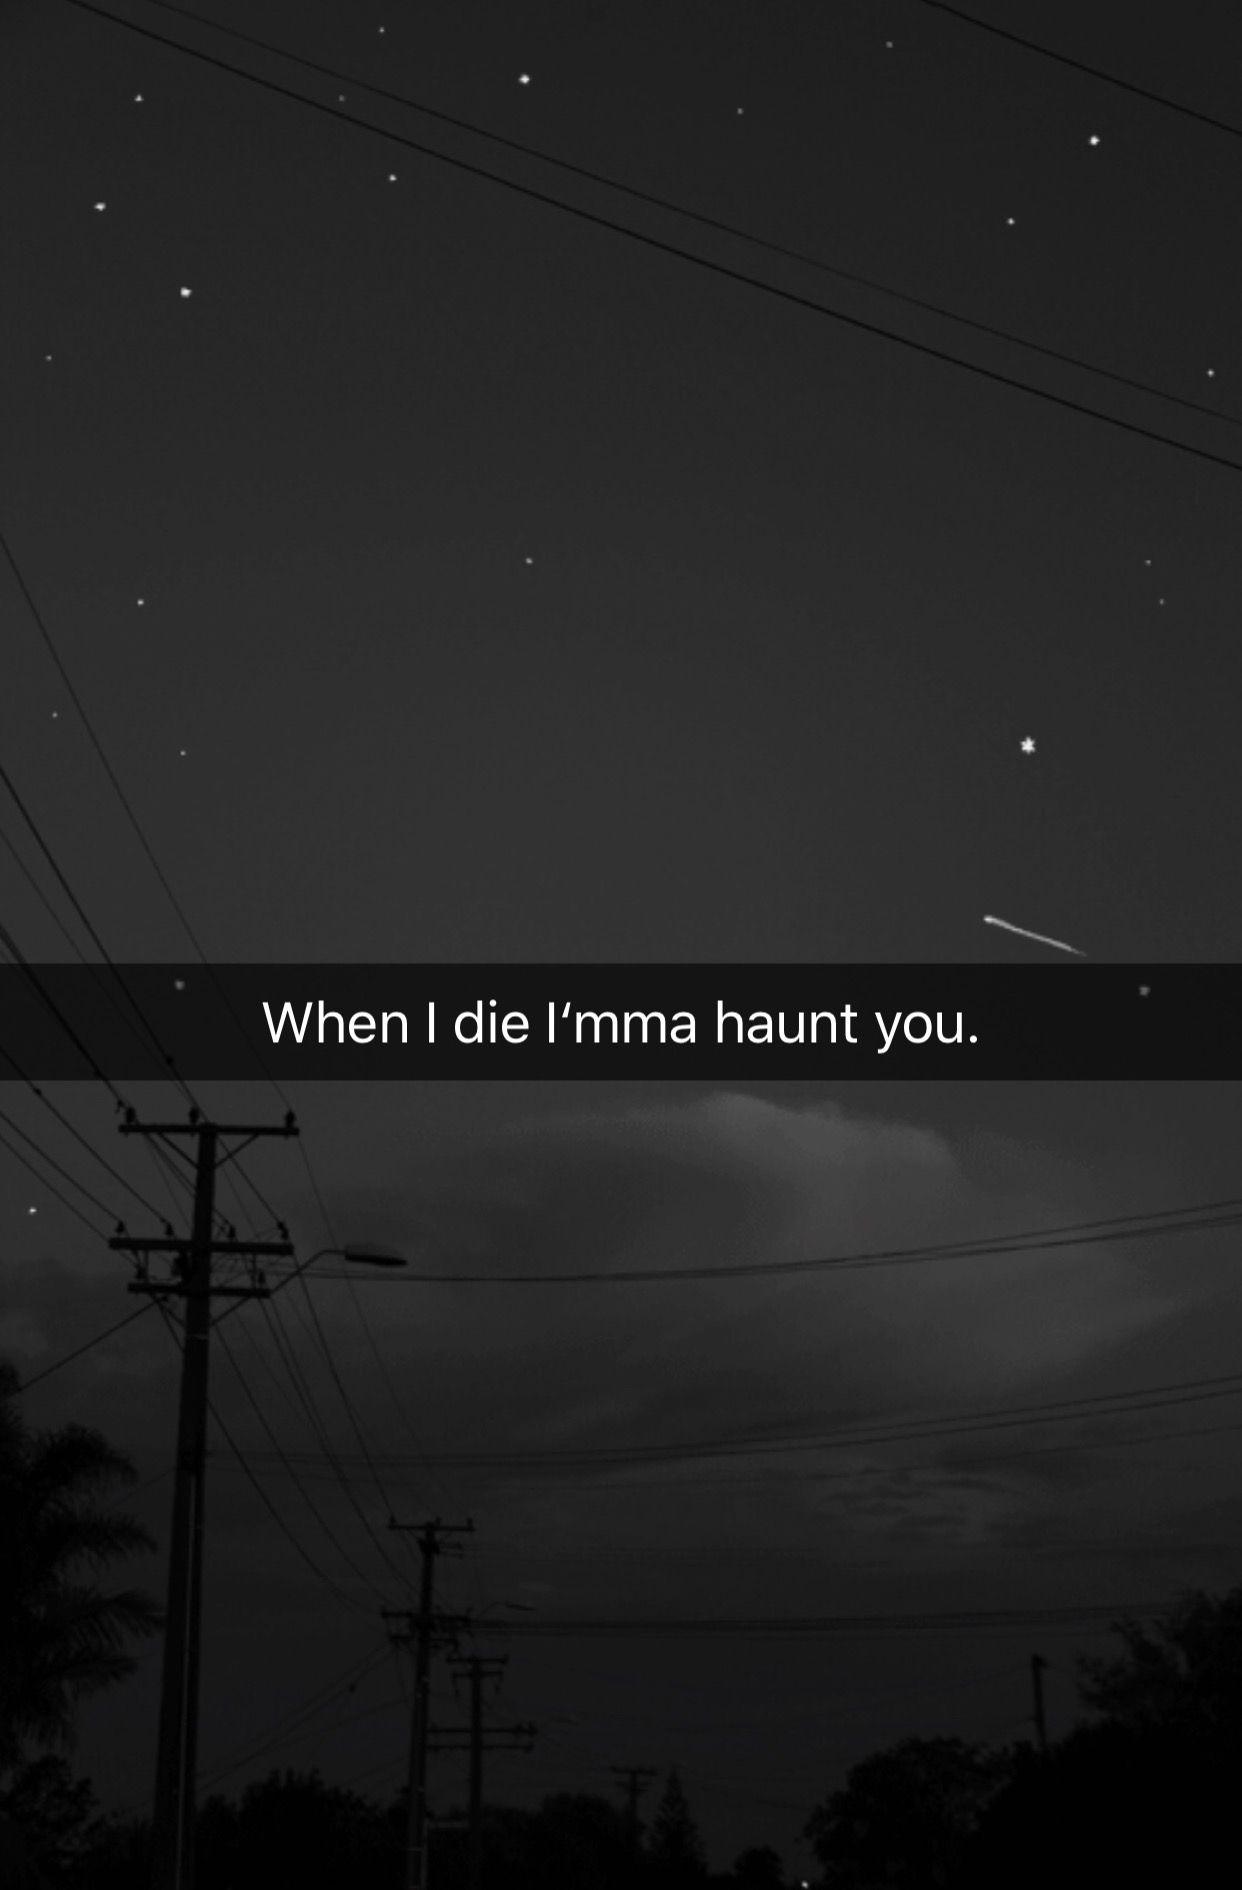 Lil Peep Haunt U Quotes Pinterest Lyric Quotes